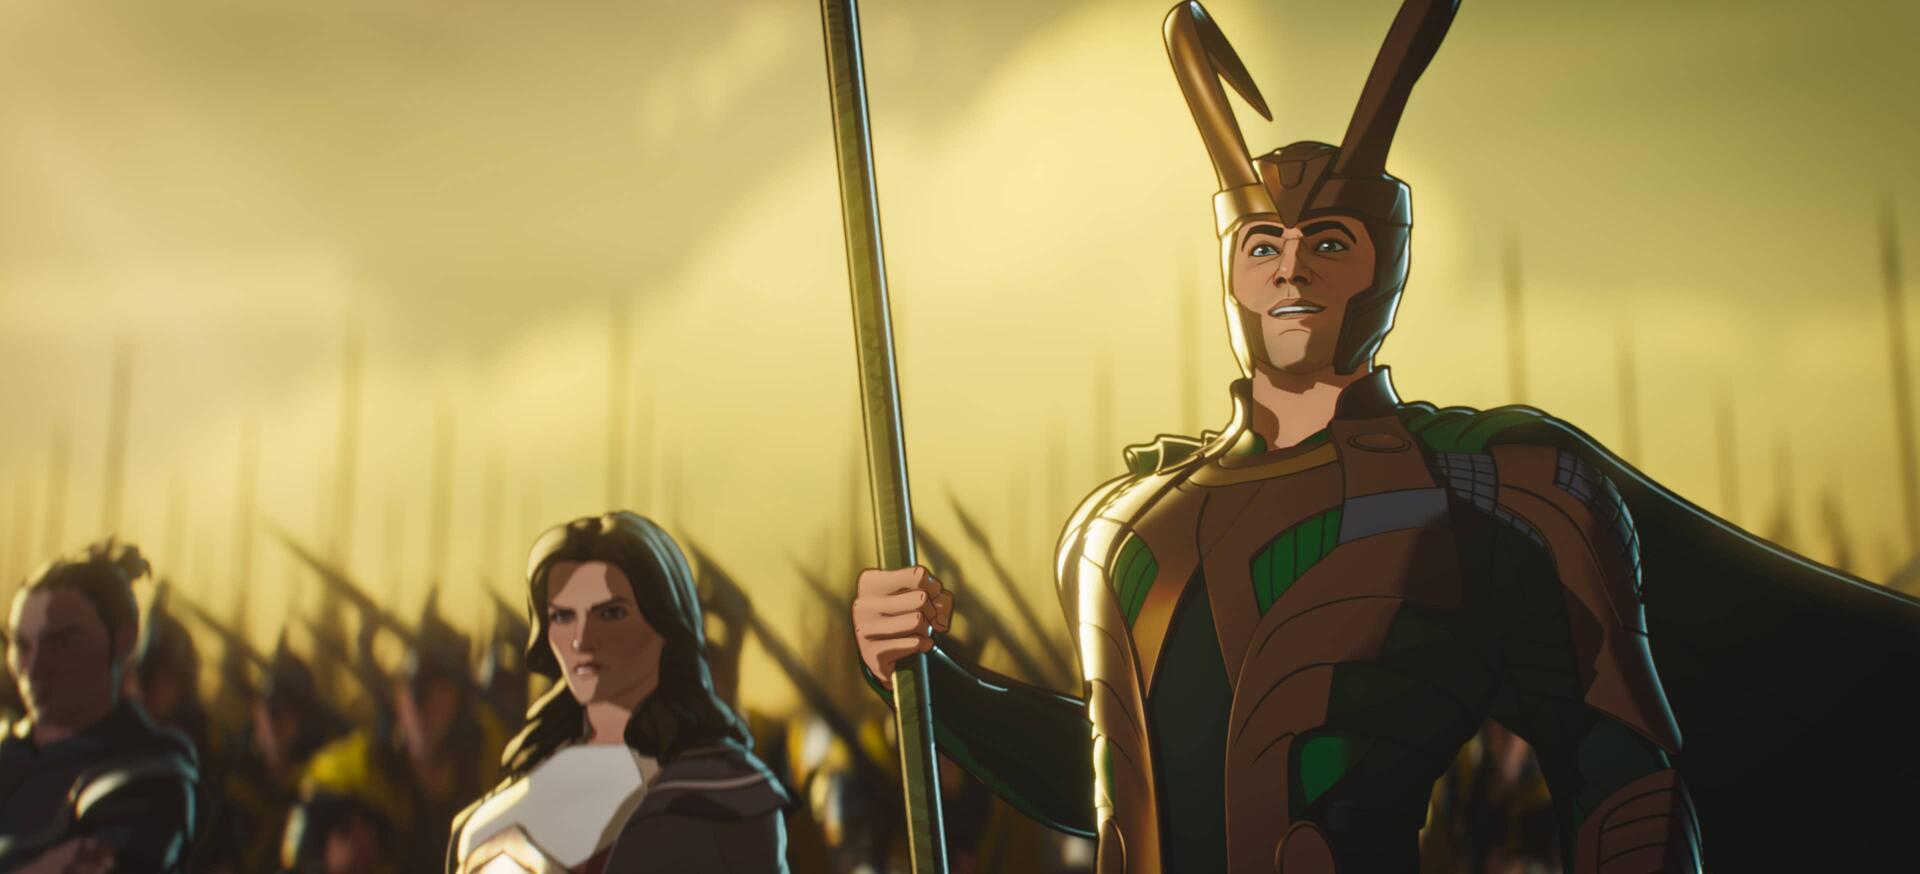 Una imagen promocional de la próxima película de Marvel What If ...?  Animación de TV 3DCG, con Loki liderando los ejércitos de Asgard en el campo de batalla.